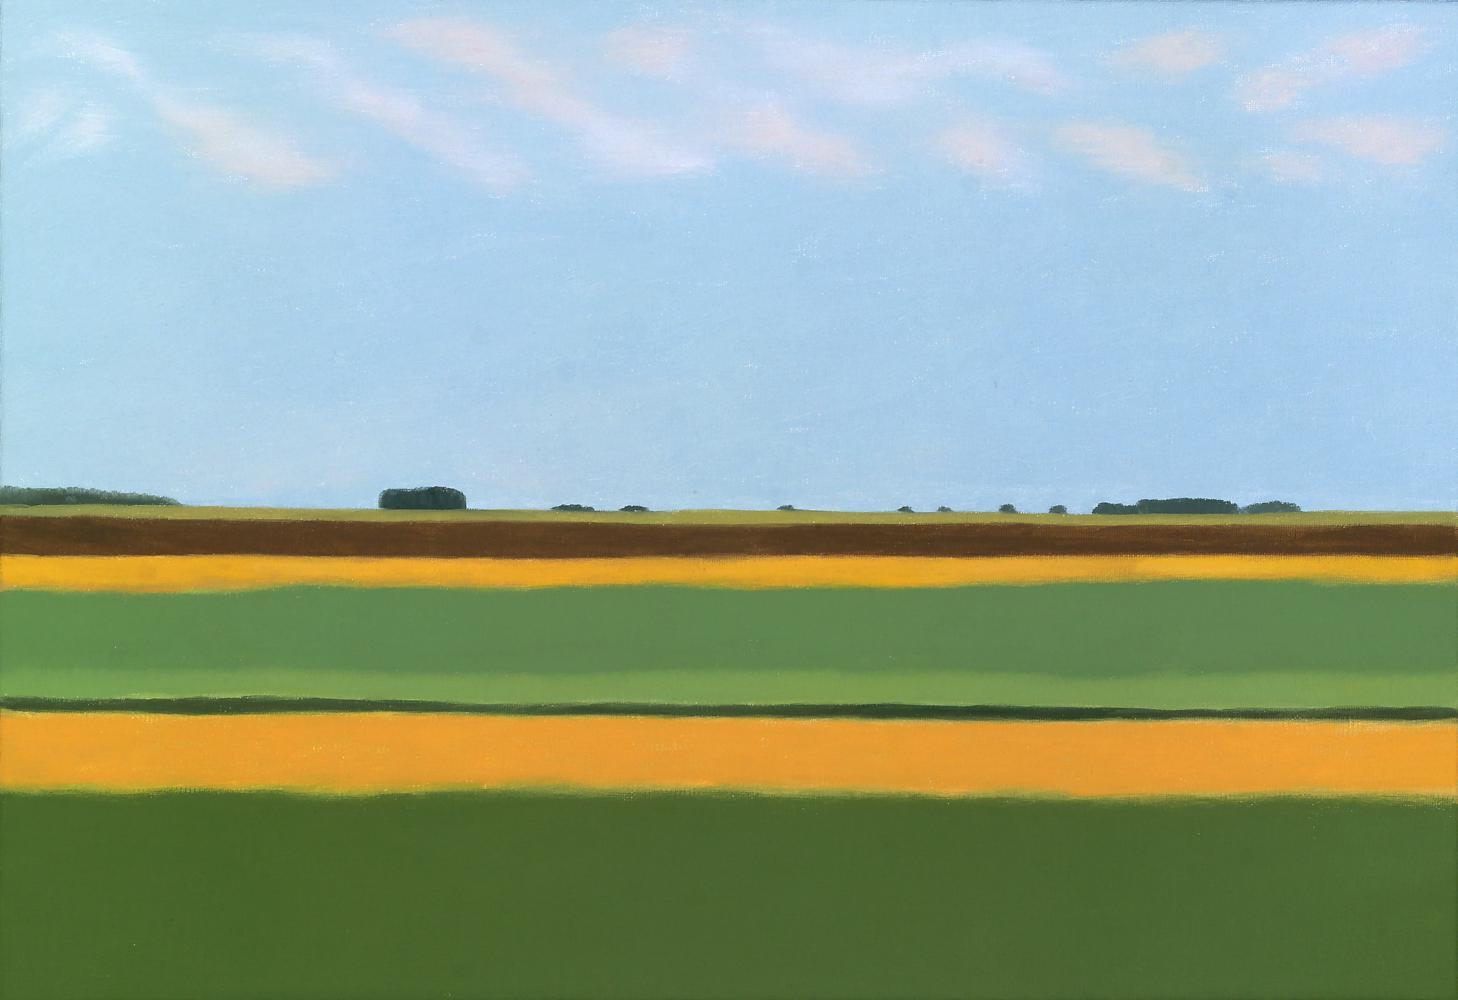 Campos de Uruguay I, 38 x 55 cm, óleo lienzo, 2015.